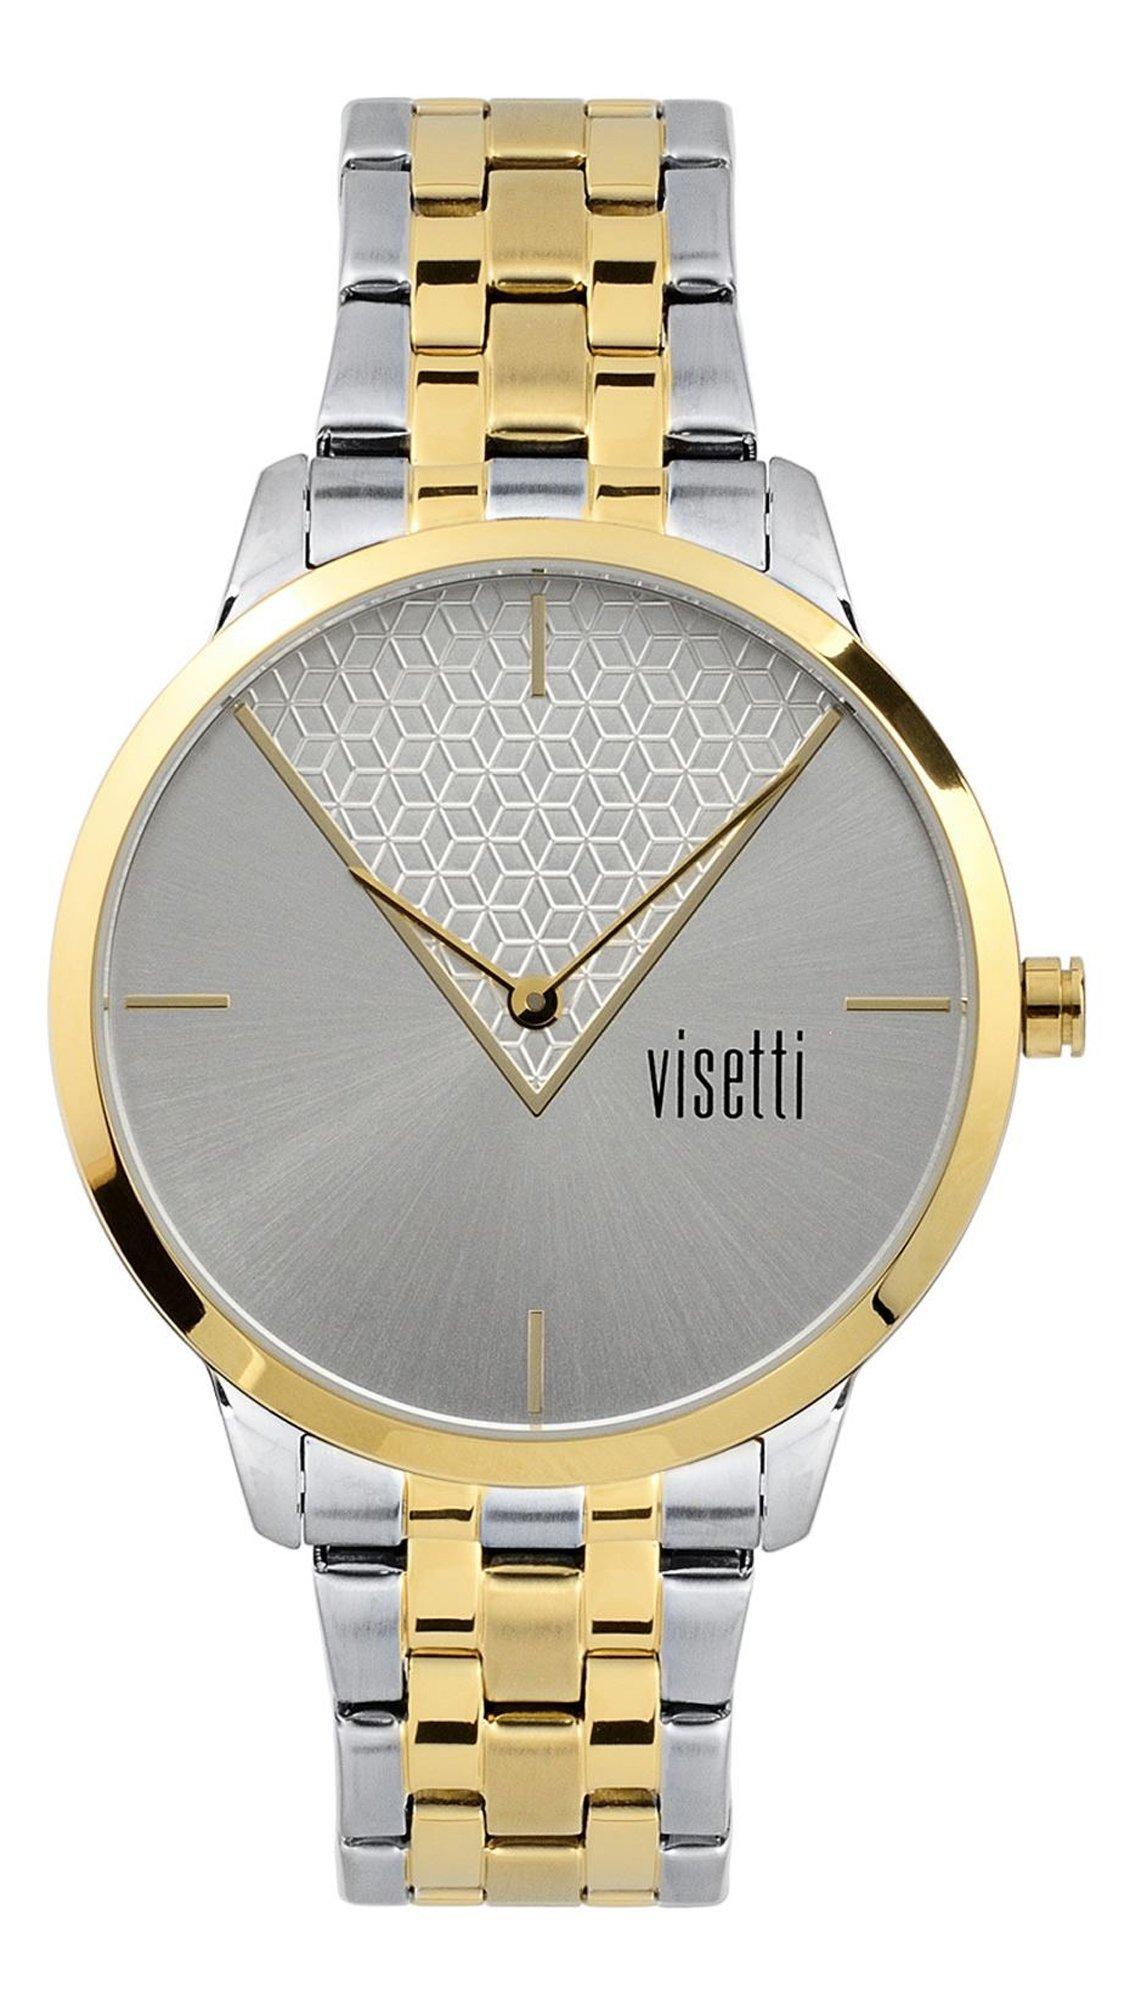 Ρολόι Visetti La Vedette με δίχρωμο μπρασελέ και γκρι καντράν PE-491SGI 0c002a34341